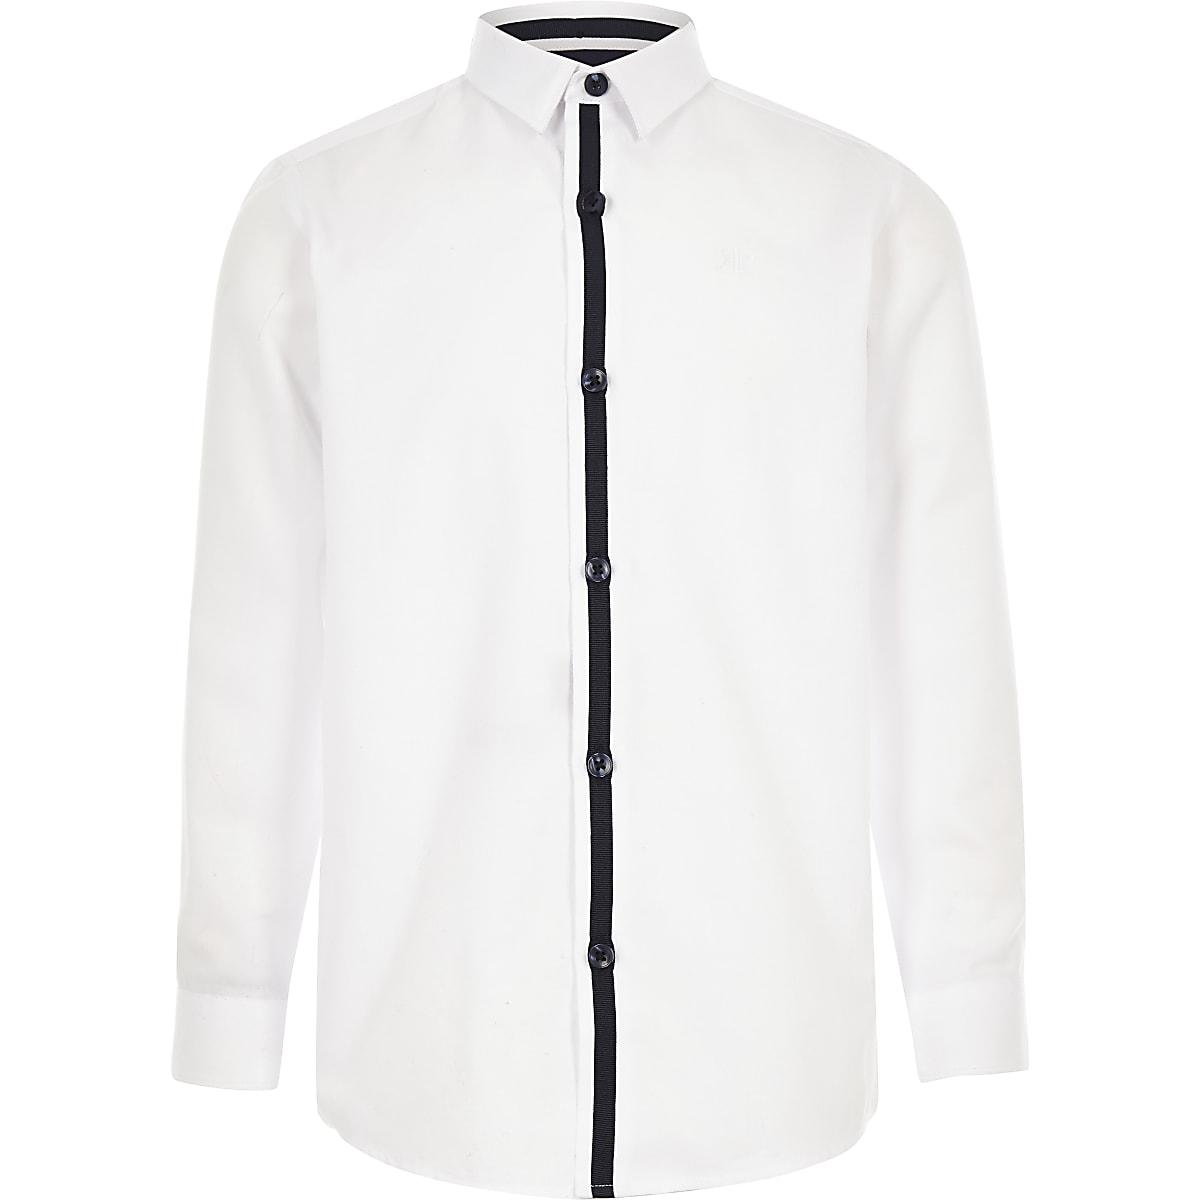 Wit overhemd met RI-logo voor jongens